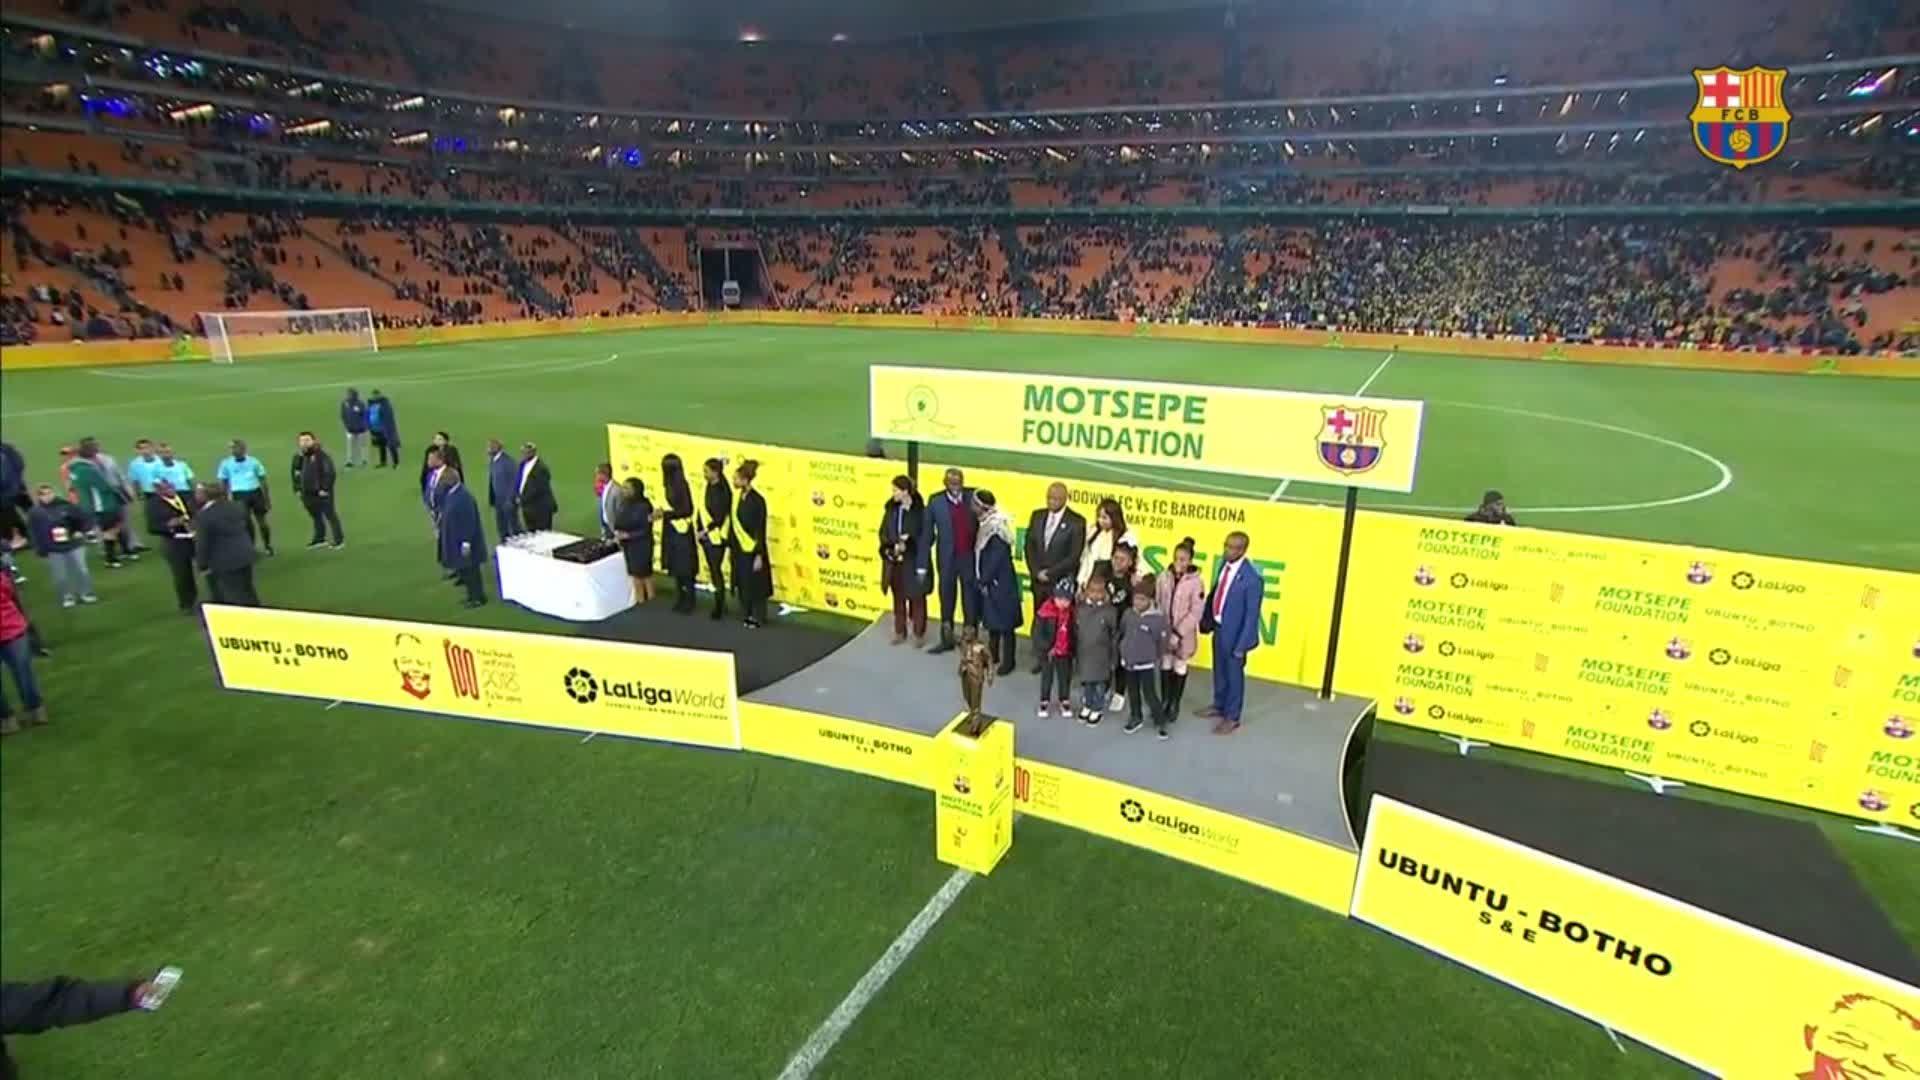 �� @andresiniesta8 receives an award after the game #SundownsBarça https://t.co/qA4gailyak